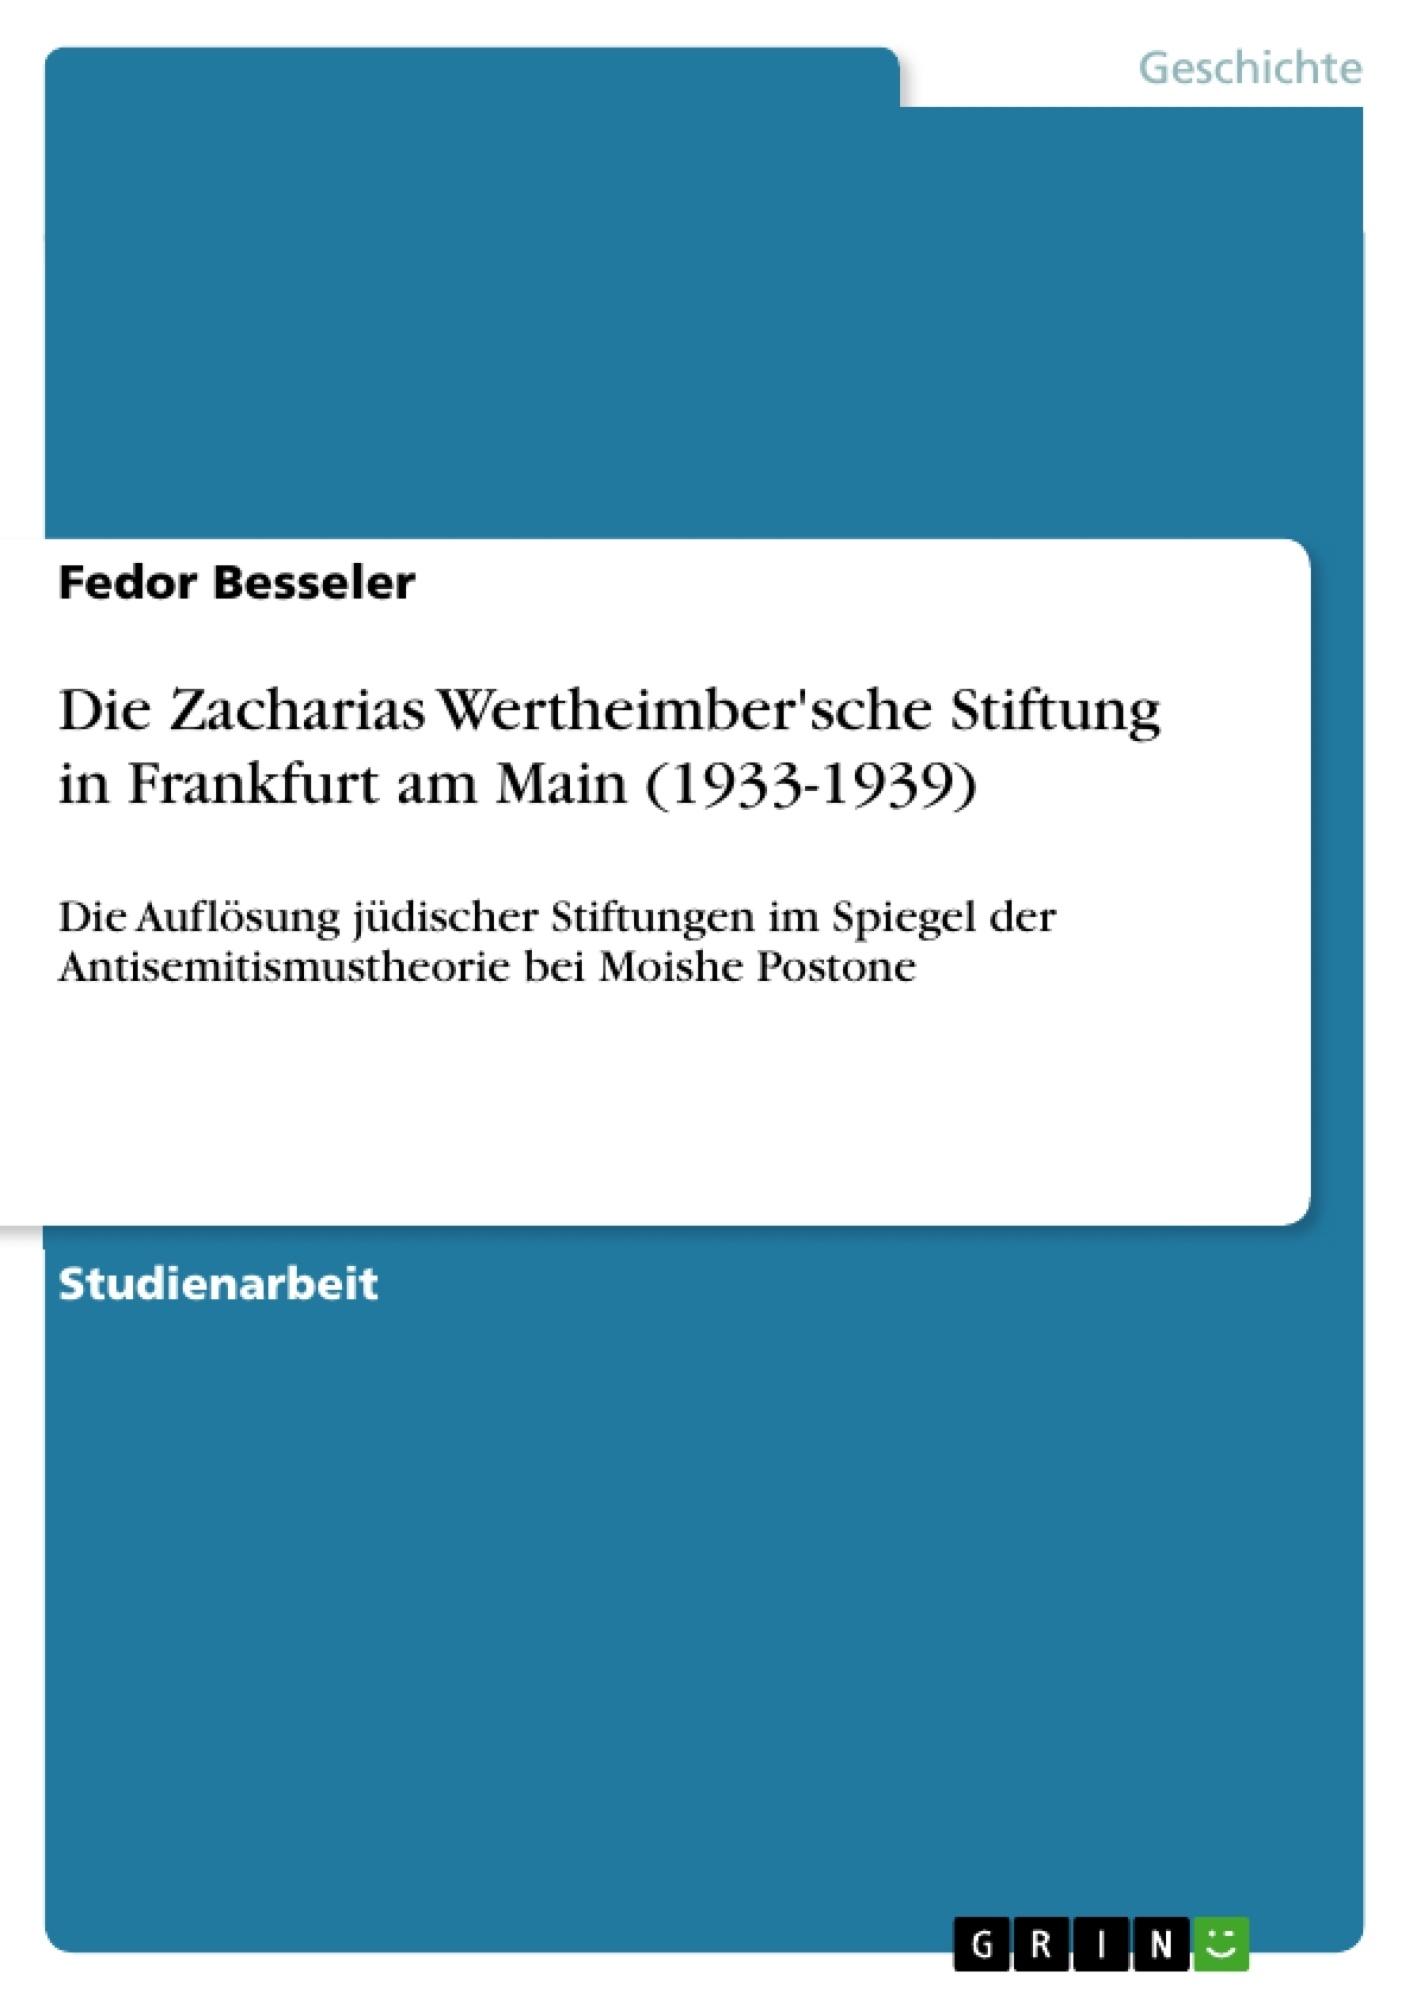 Titel: Die Zacharias Wertheimber'sche Stiftung in Frankfurt am Main (1933-1939)